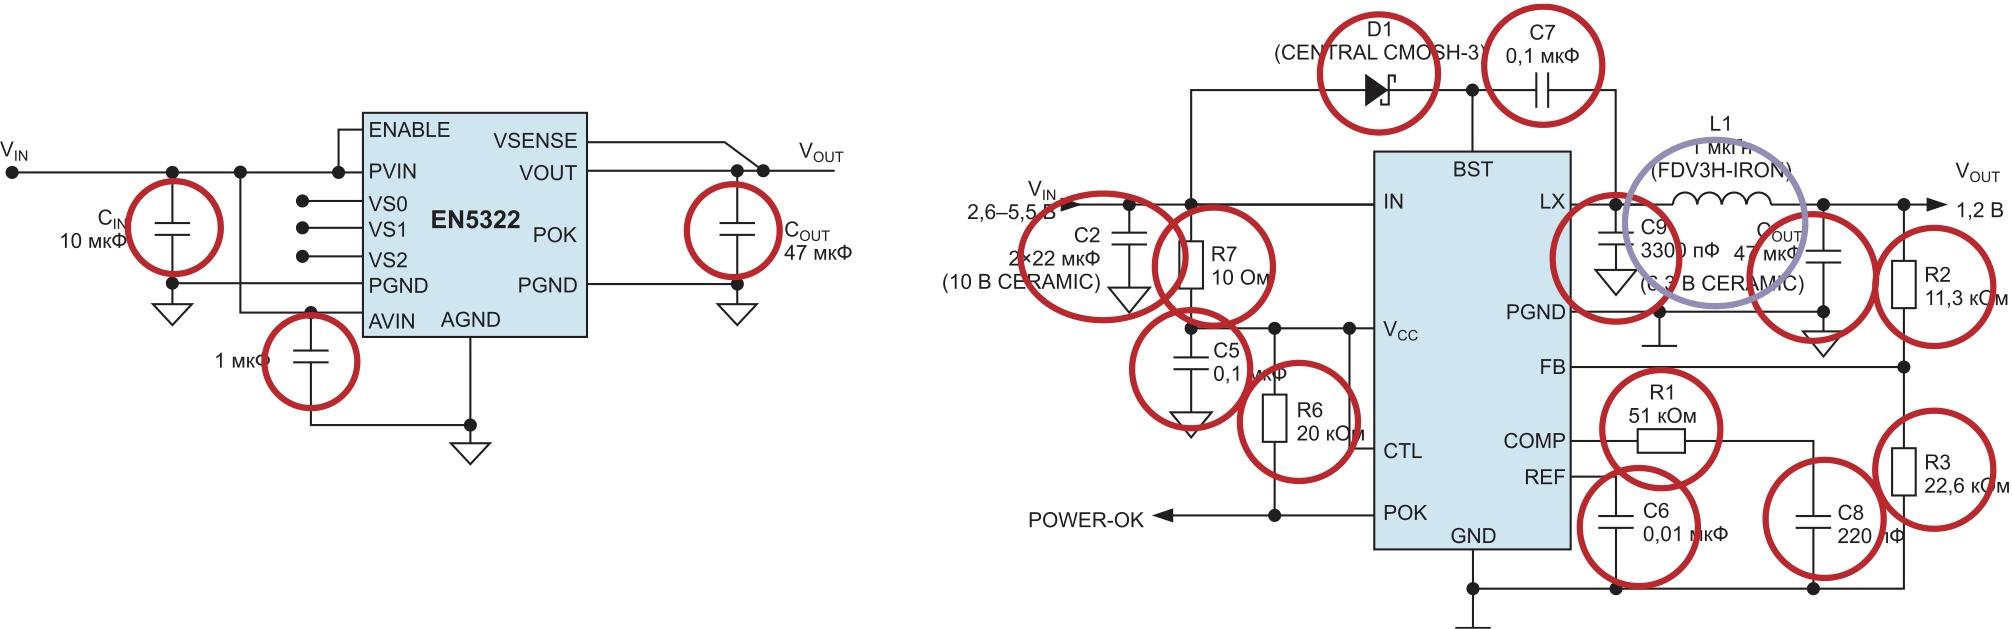 Количество внешних компонентов при использовании: а) PowerSoC; б) дискретных импульсных преобразователей напряжения